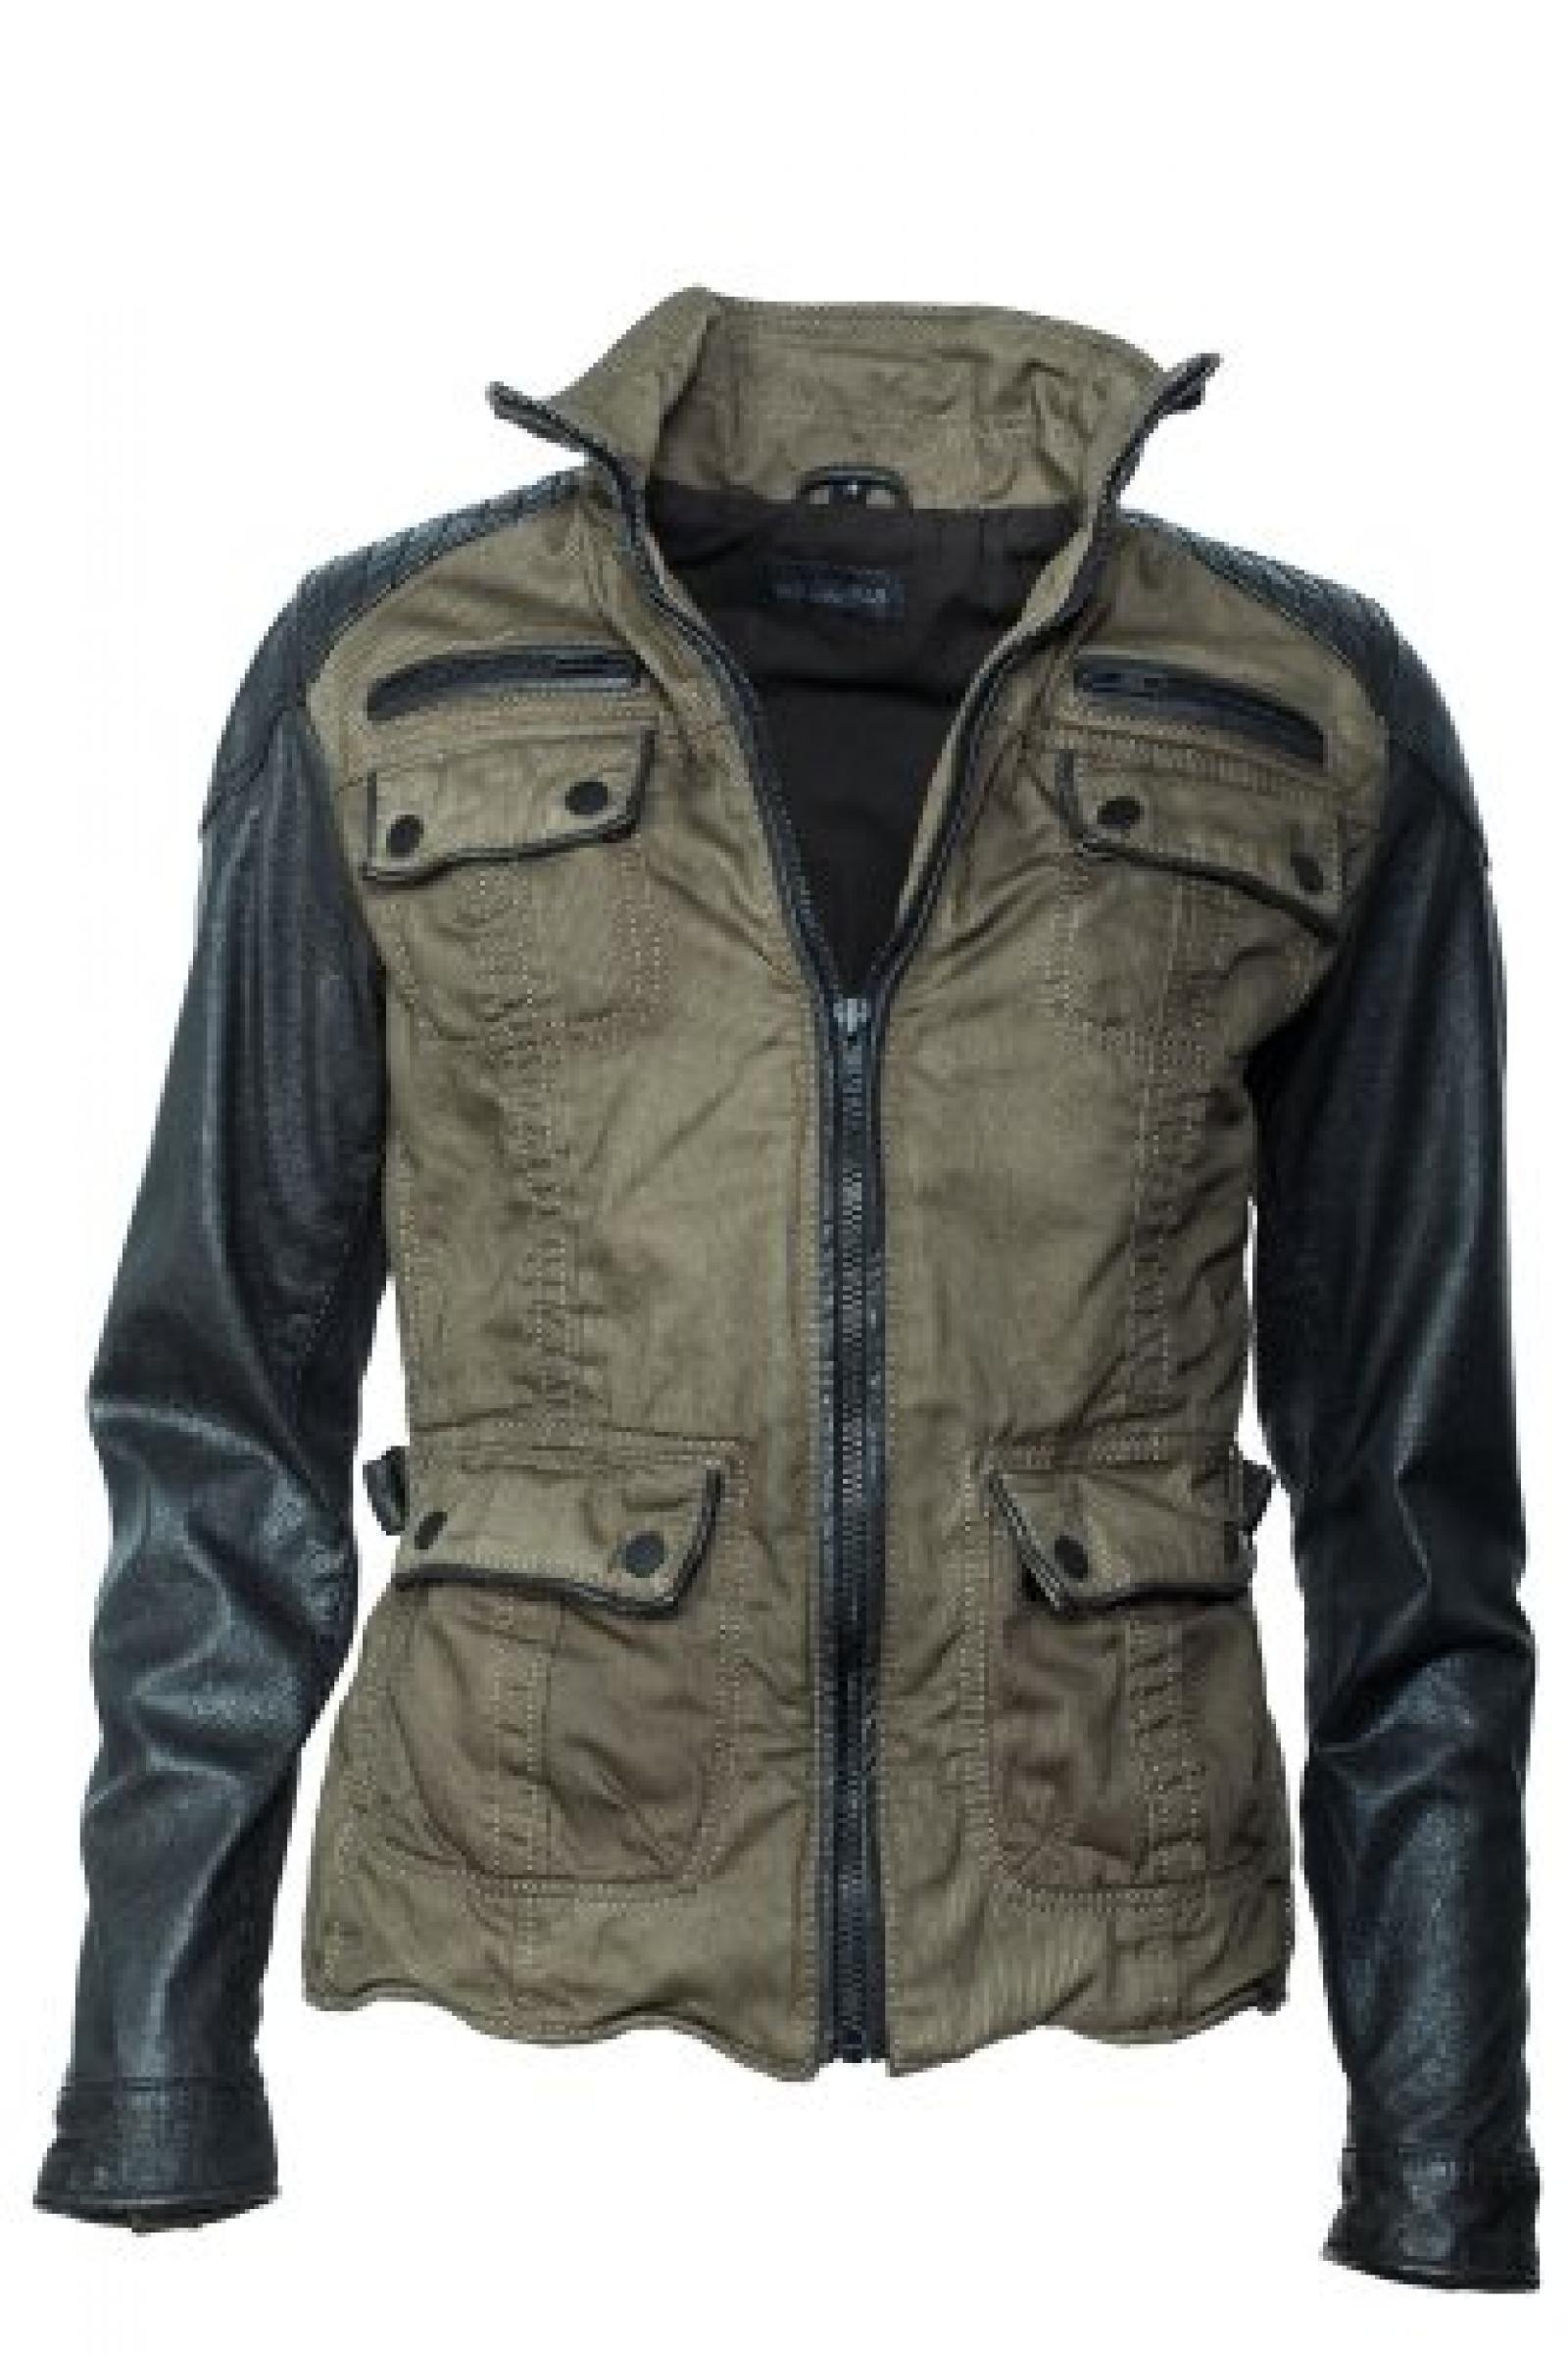 Top-modische Rockn blue Jacke brandaktueller Leder-Stoff Materialmix